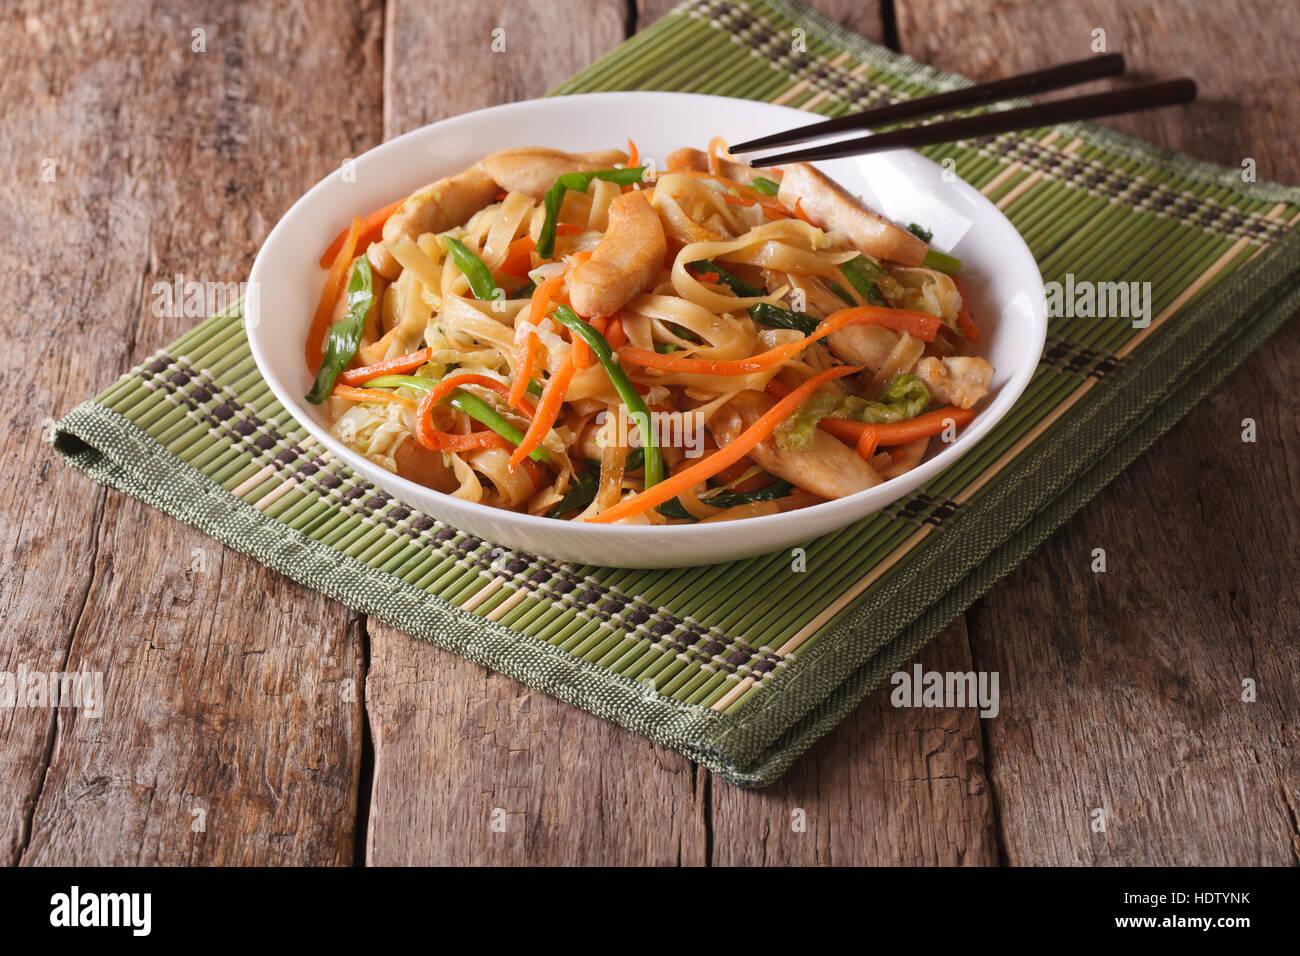 Chow Mein con pollo y verduras en la mesa horizontal. Foto de stock